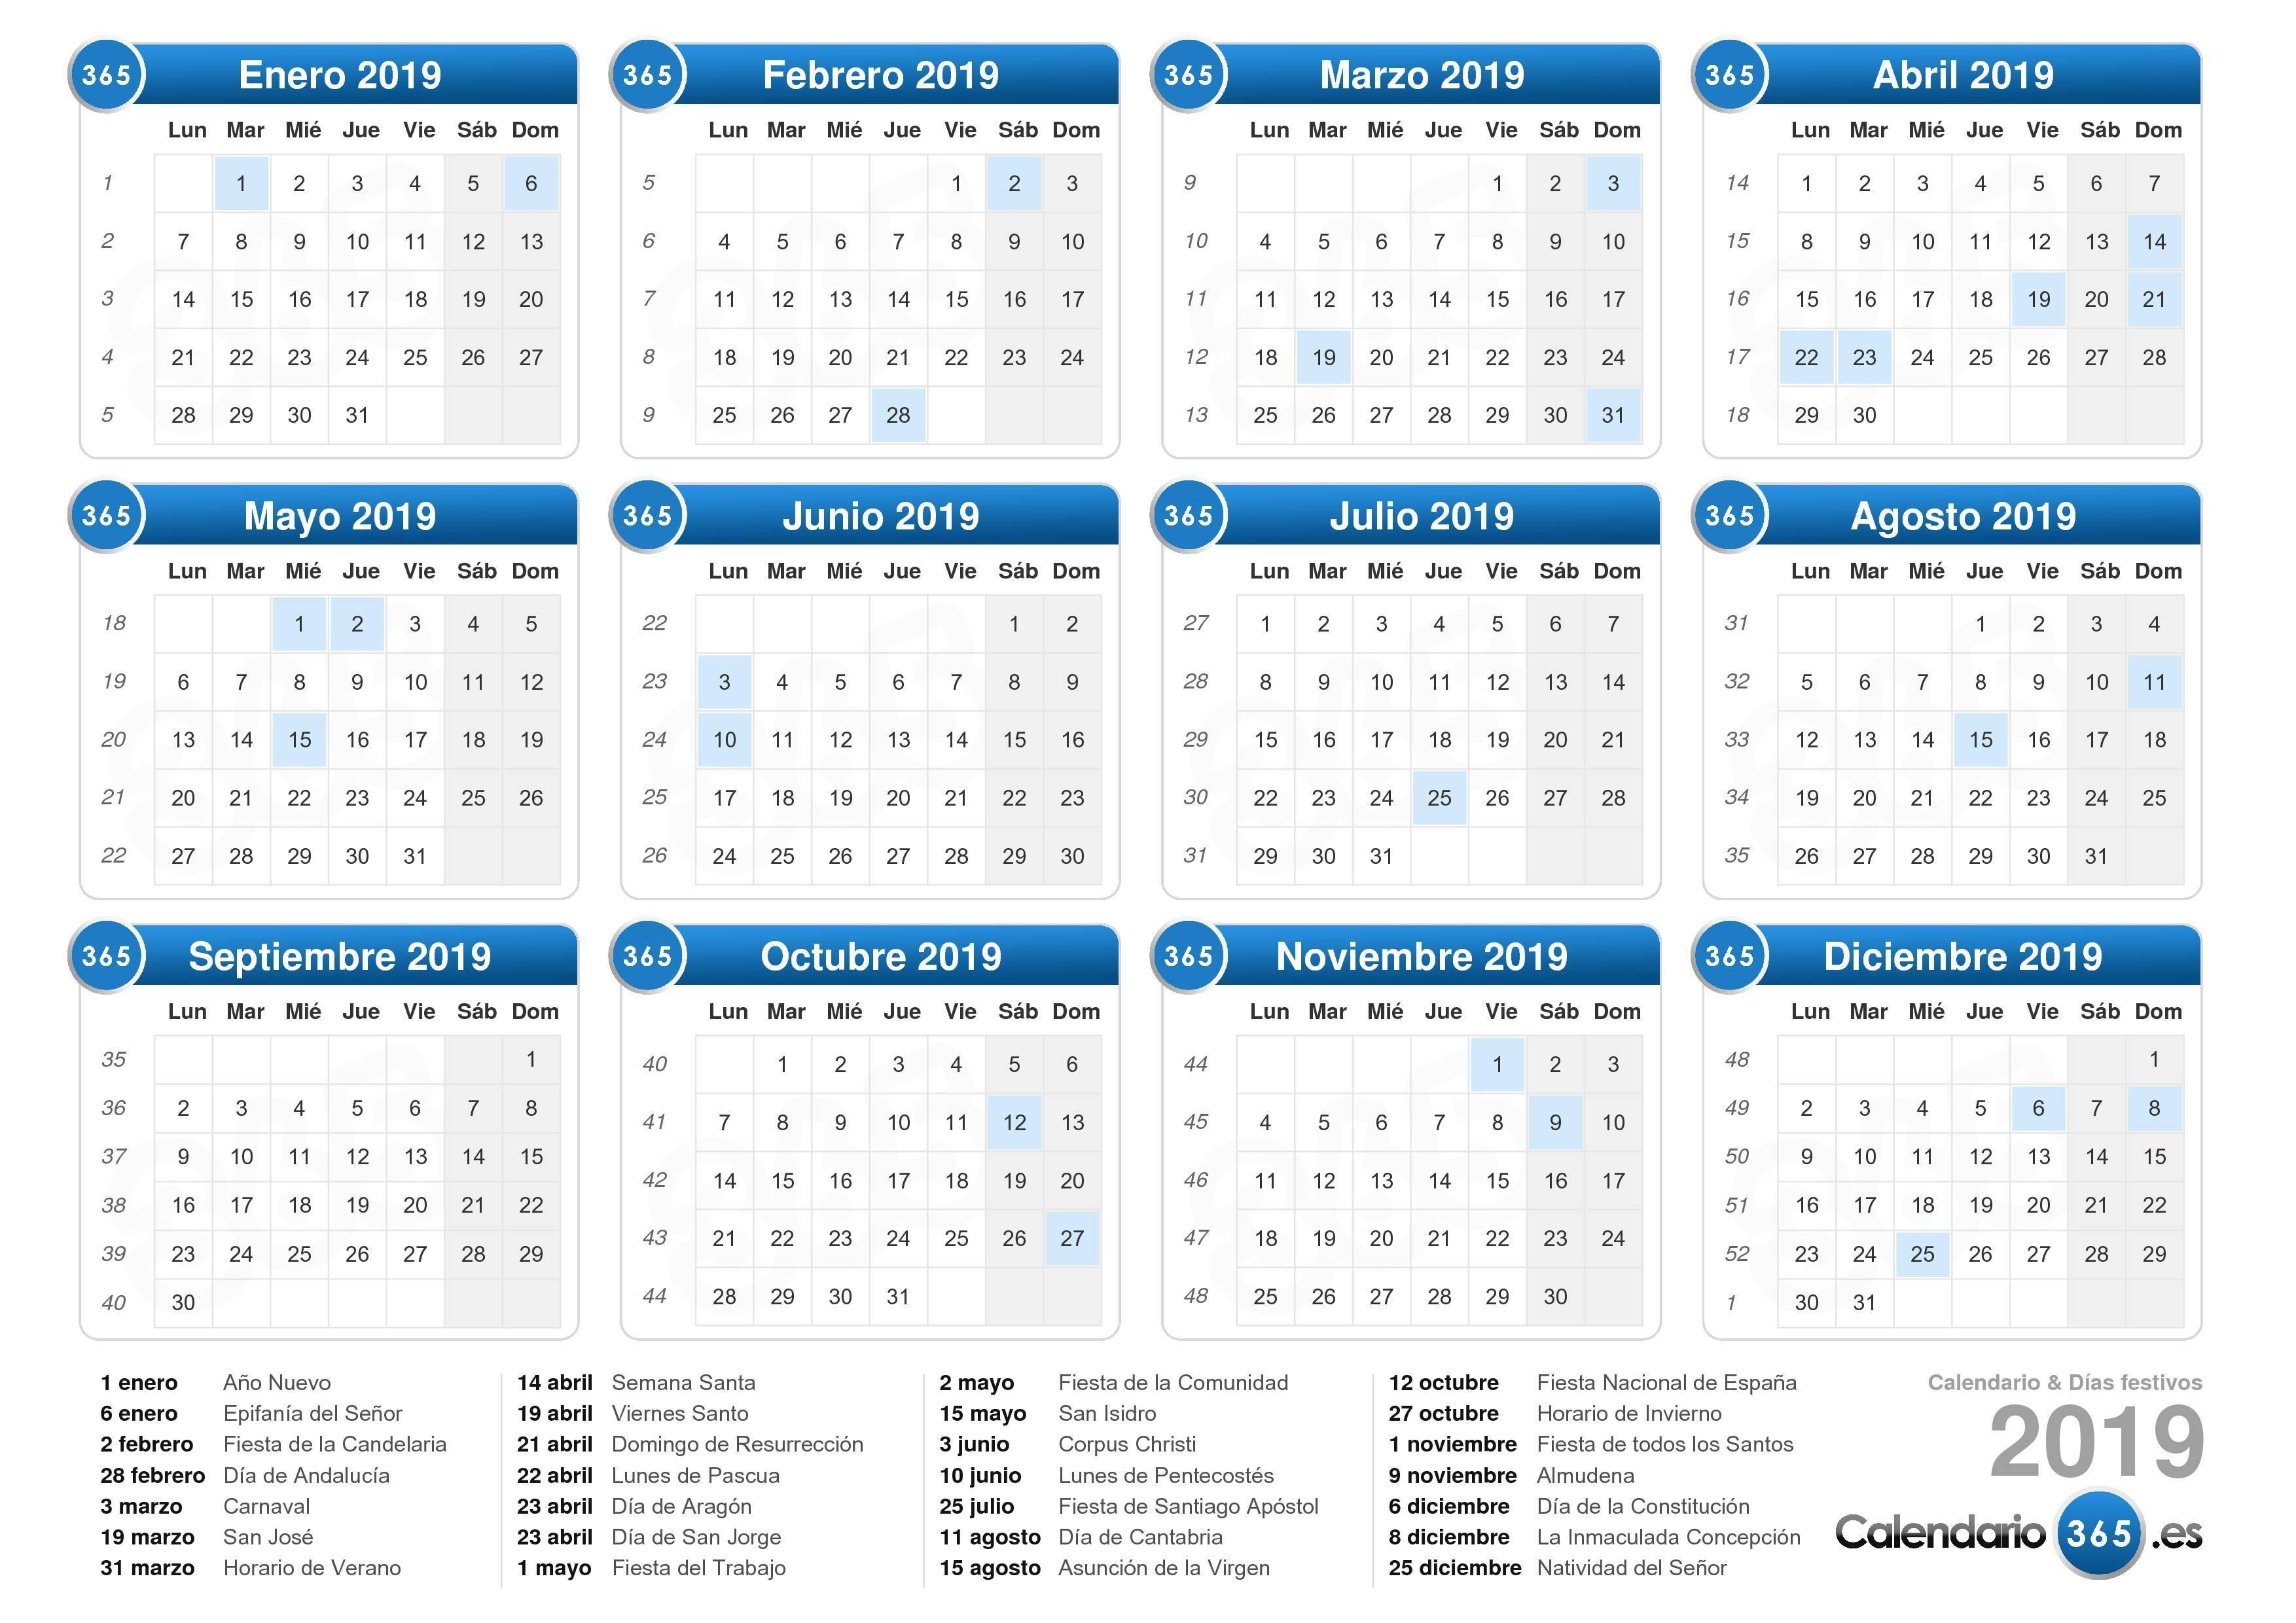 Calendario 2019 Con Festivos Nacionales Más Recientes Calendario 2019 Of Calendario 2019 Con Festivos Nacionales Más Arriba-a-fecha Calendario Escolar 2018 2019 En Barcelona afterscool